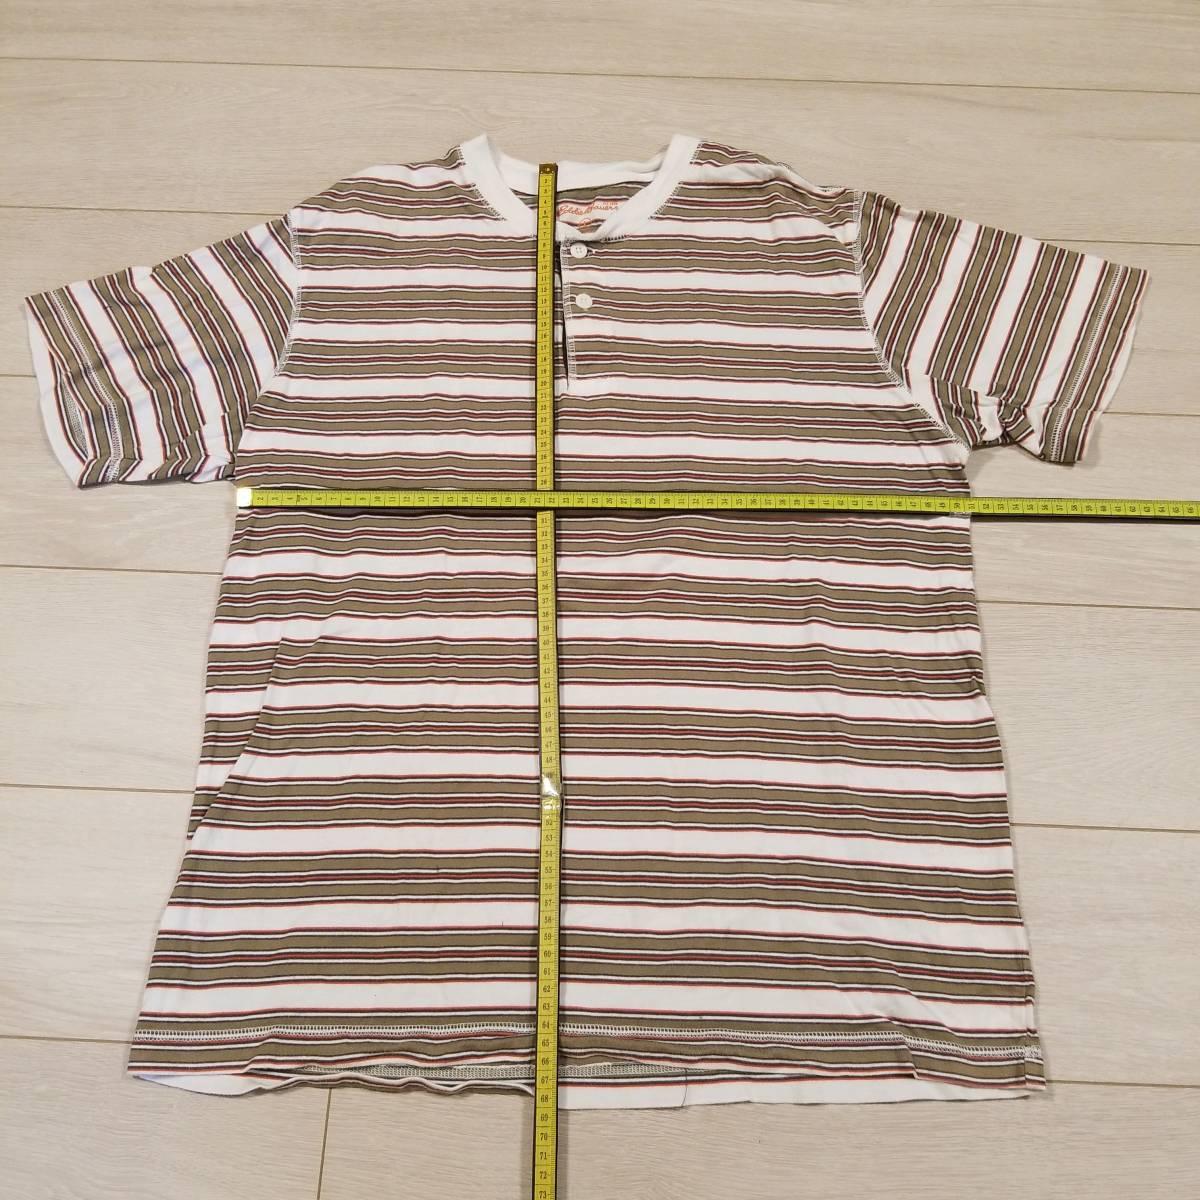 M629 Eddie Bauer エディーバウアー Tシャツ カットソー L メンズ ボーダー トップス 半袖 綿100% コットン